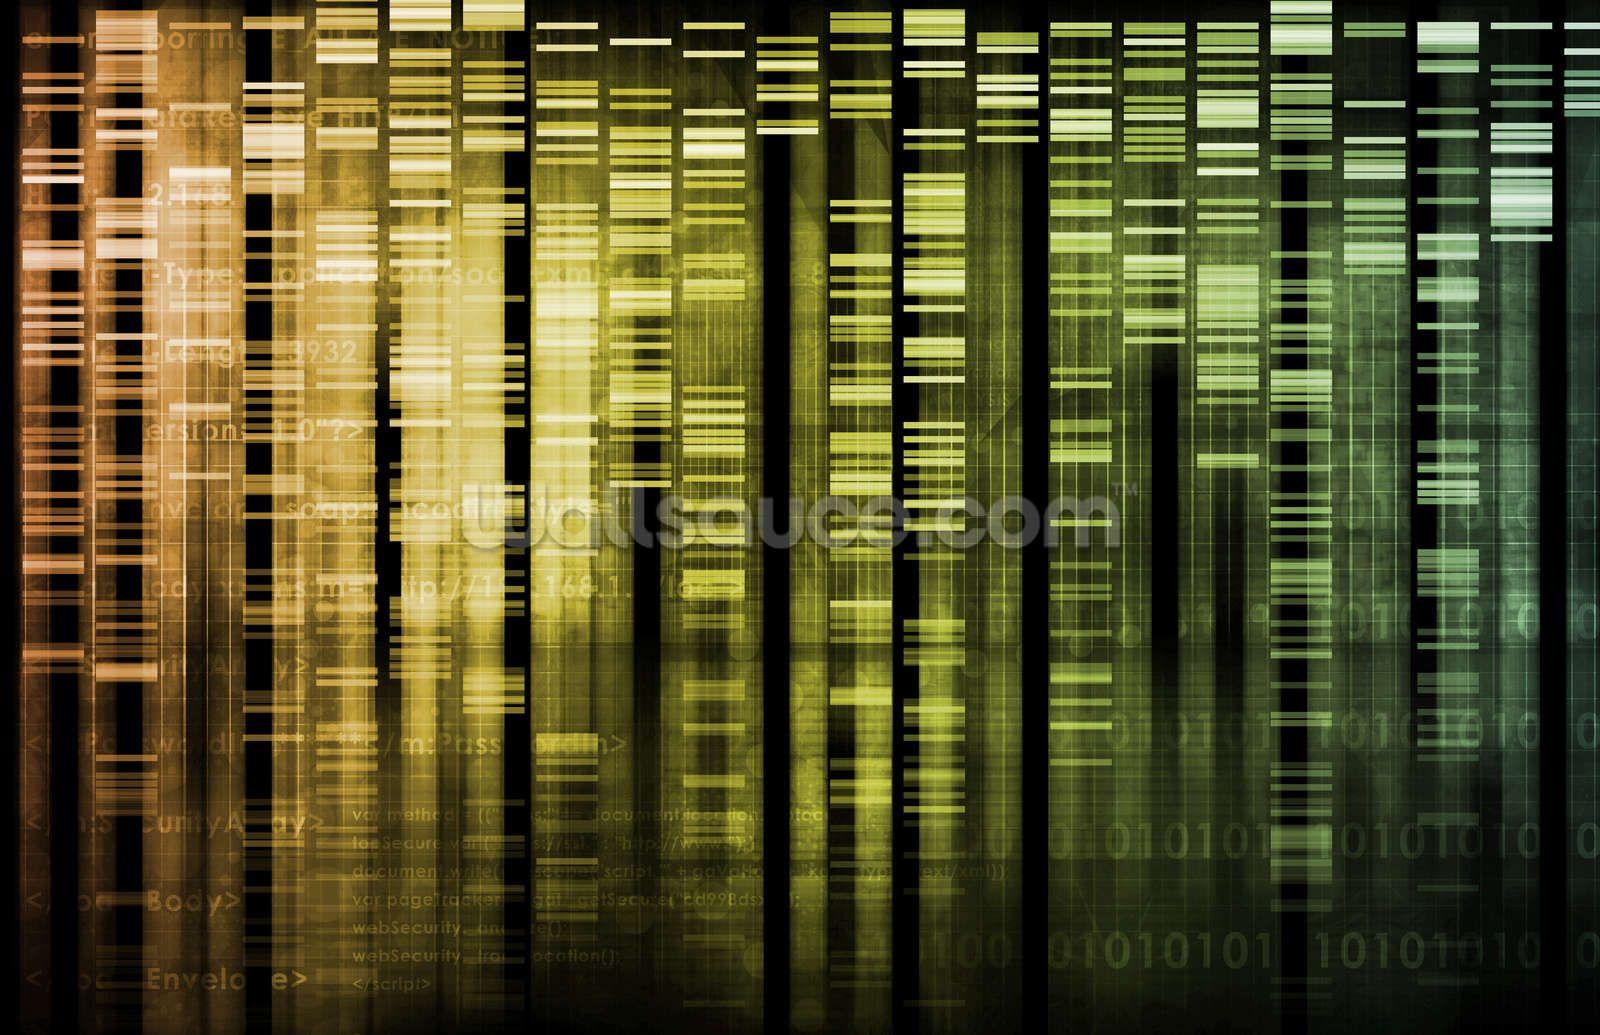 DNA Research Wall Mural | Wall murals, Wallpaper and Wallpaper murals